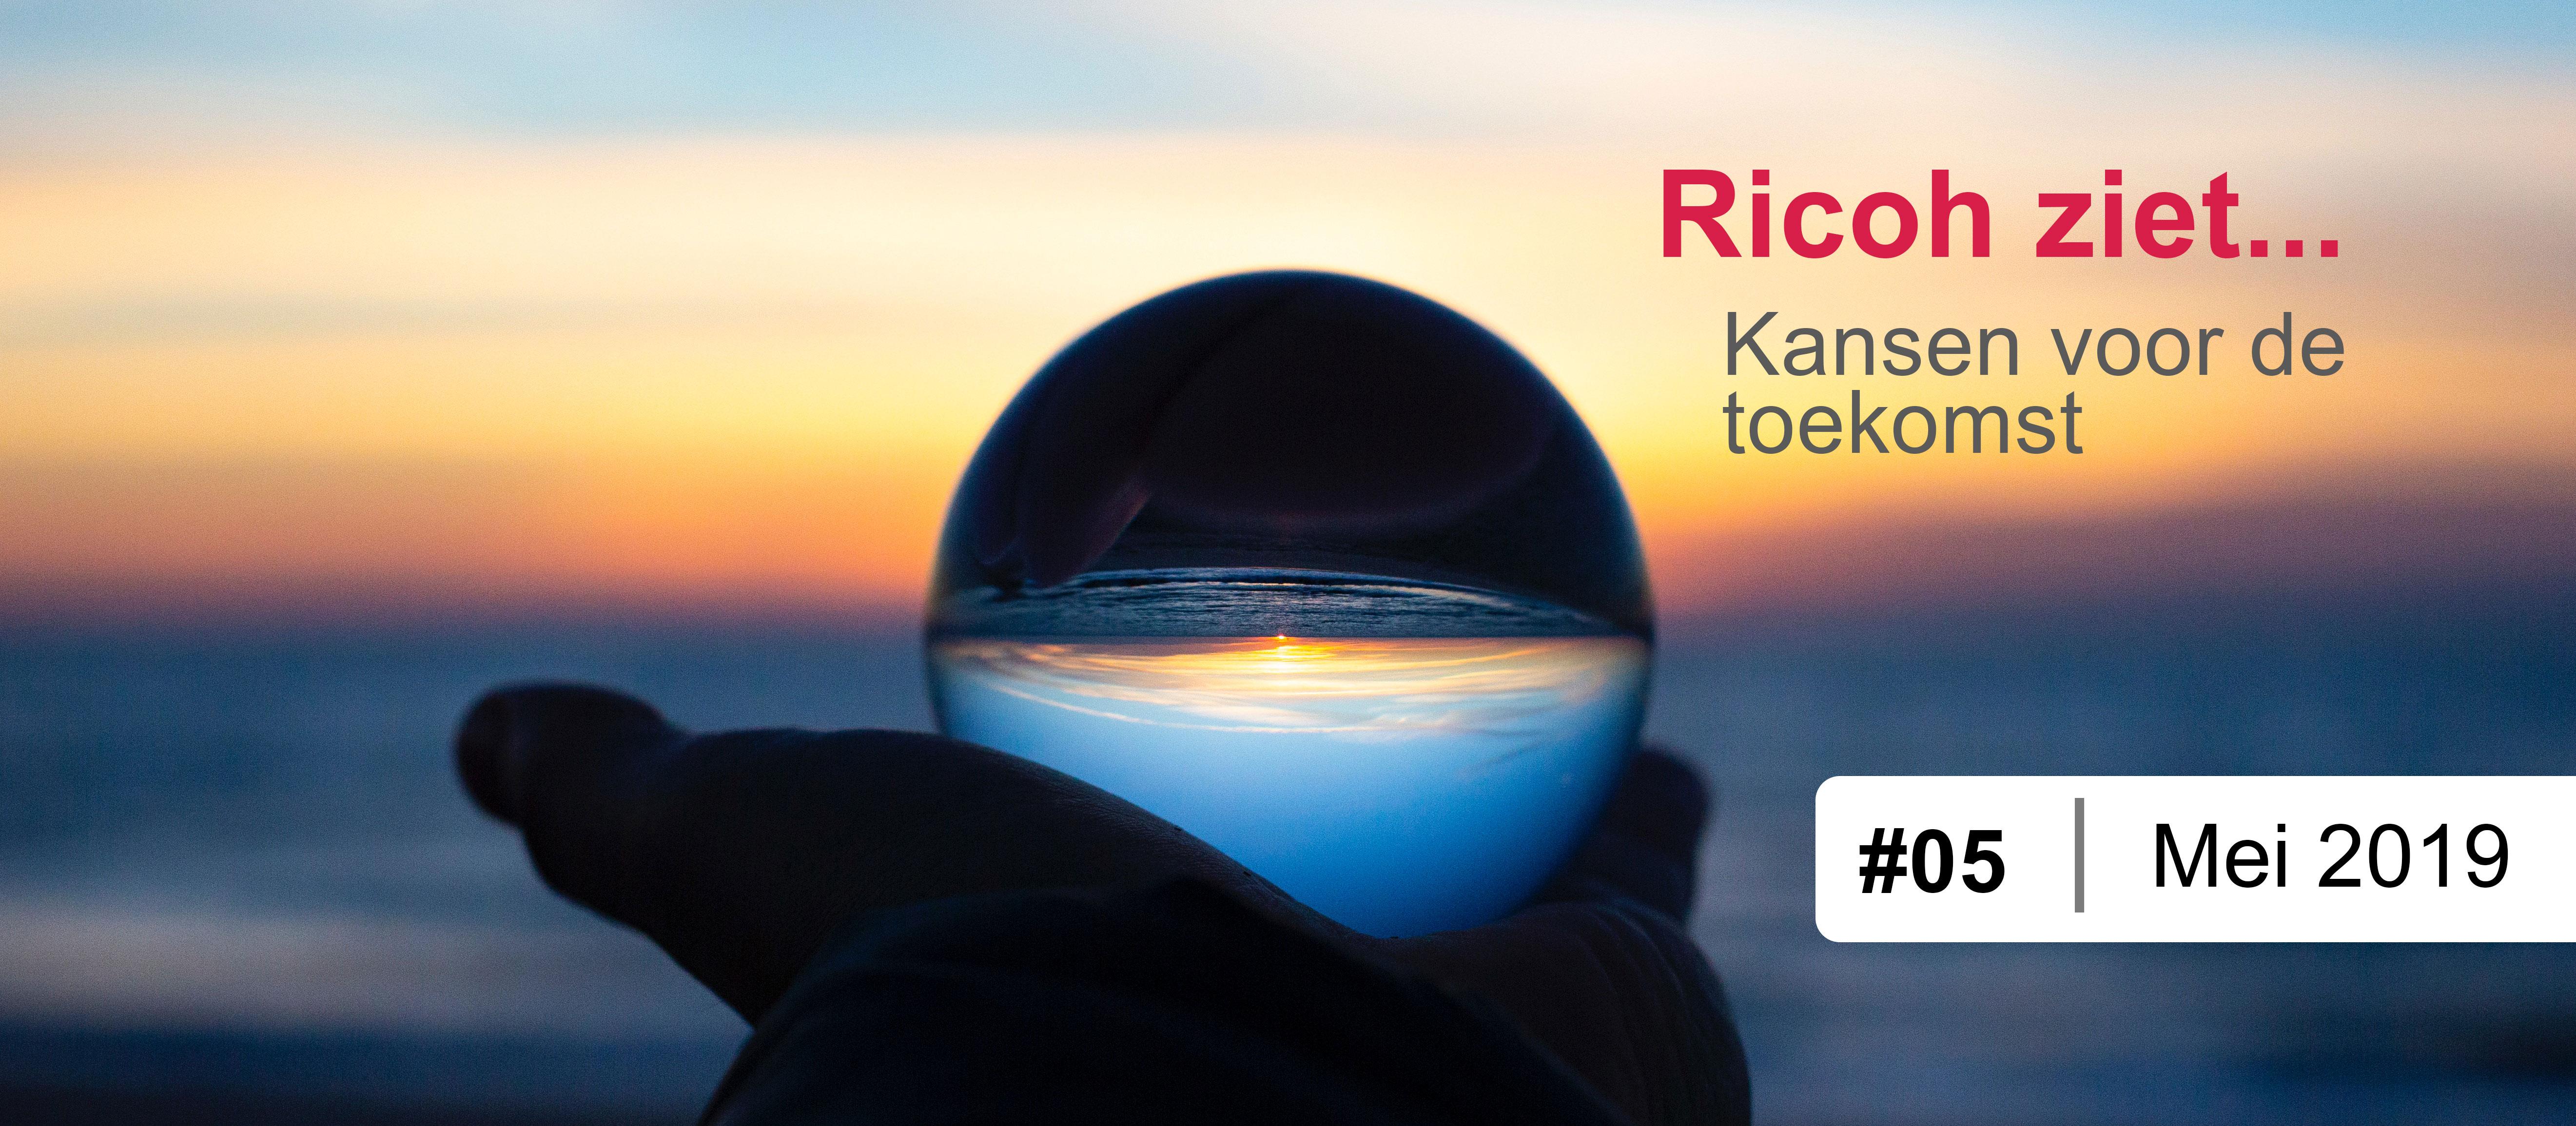 Ricoh ziet impact van delen